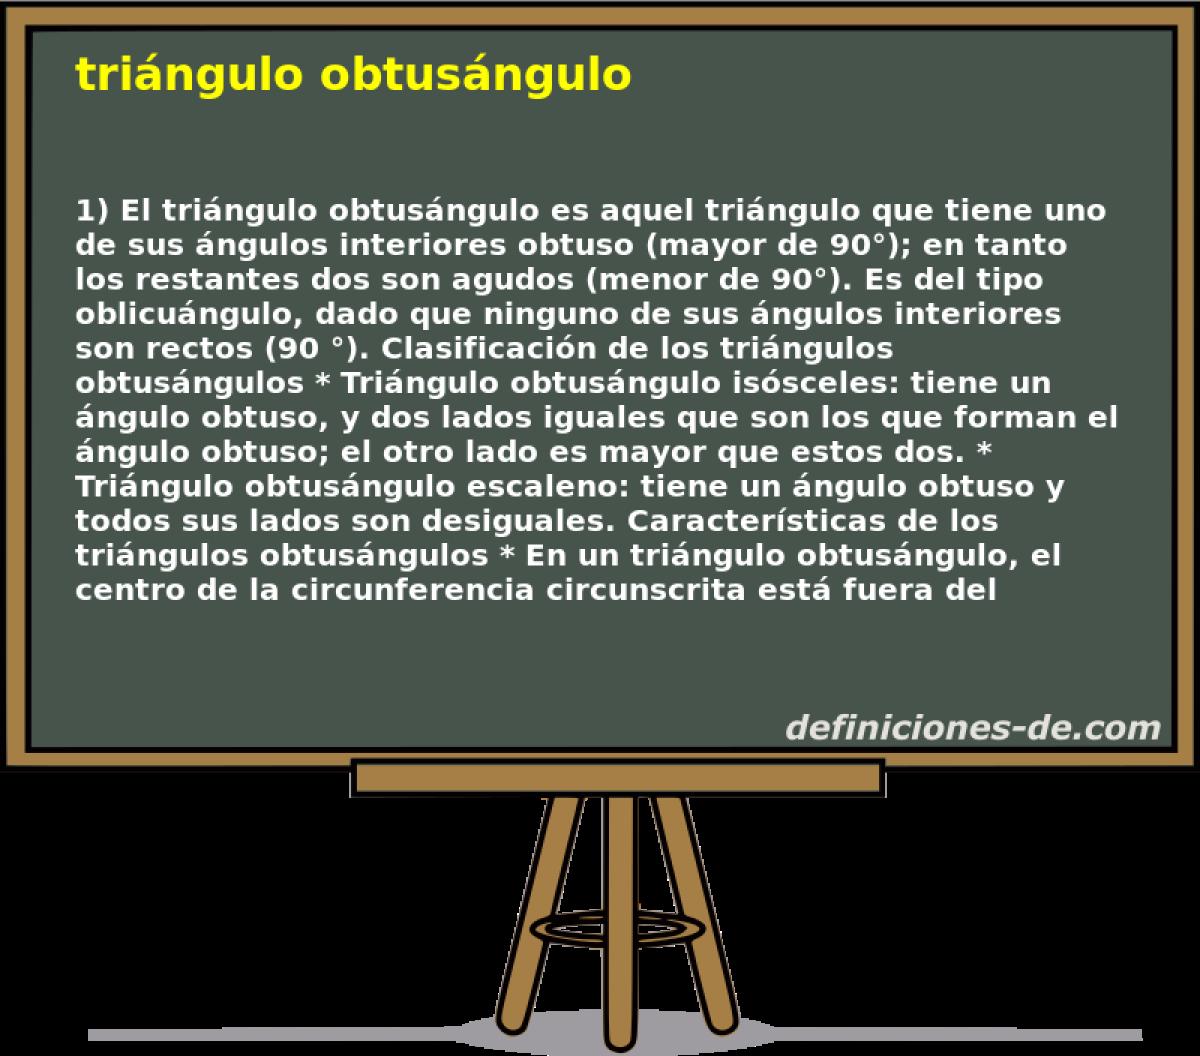 Qué significa Triángulo obtusángulo?